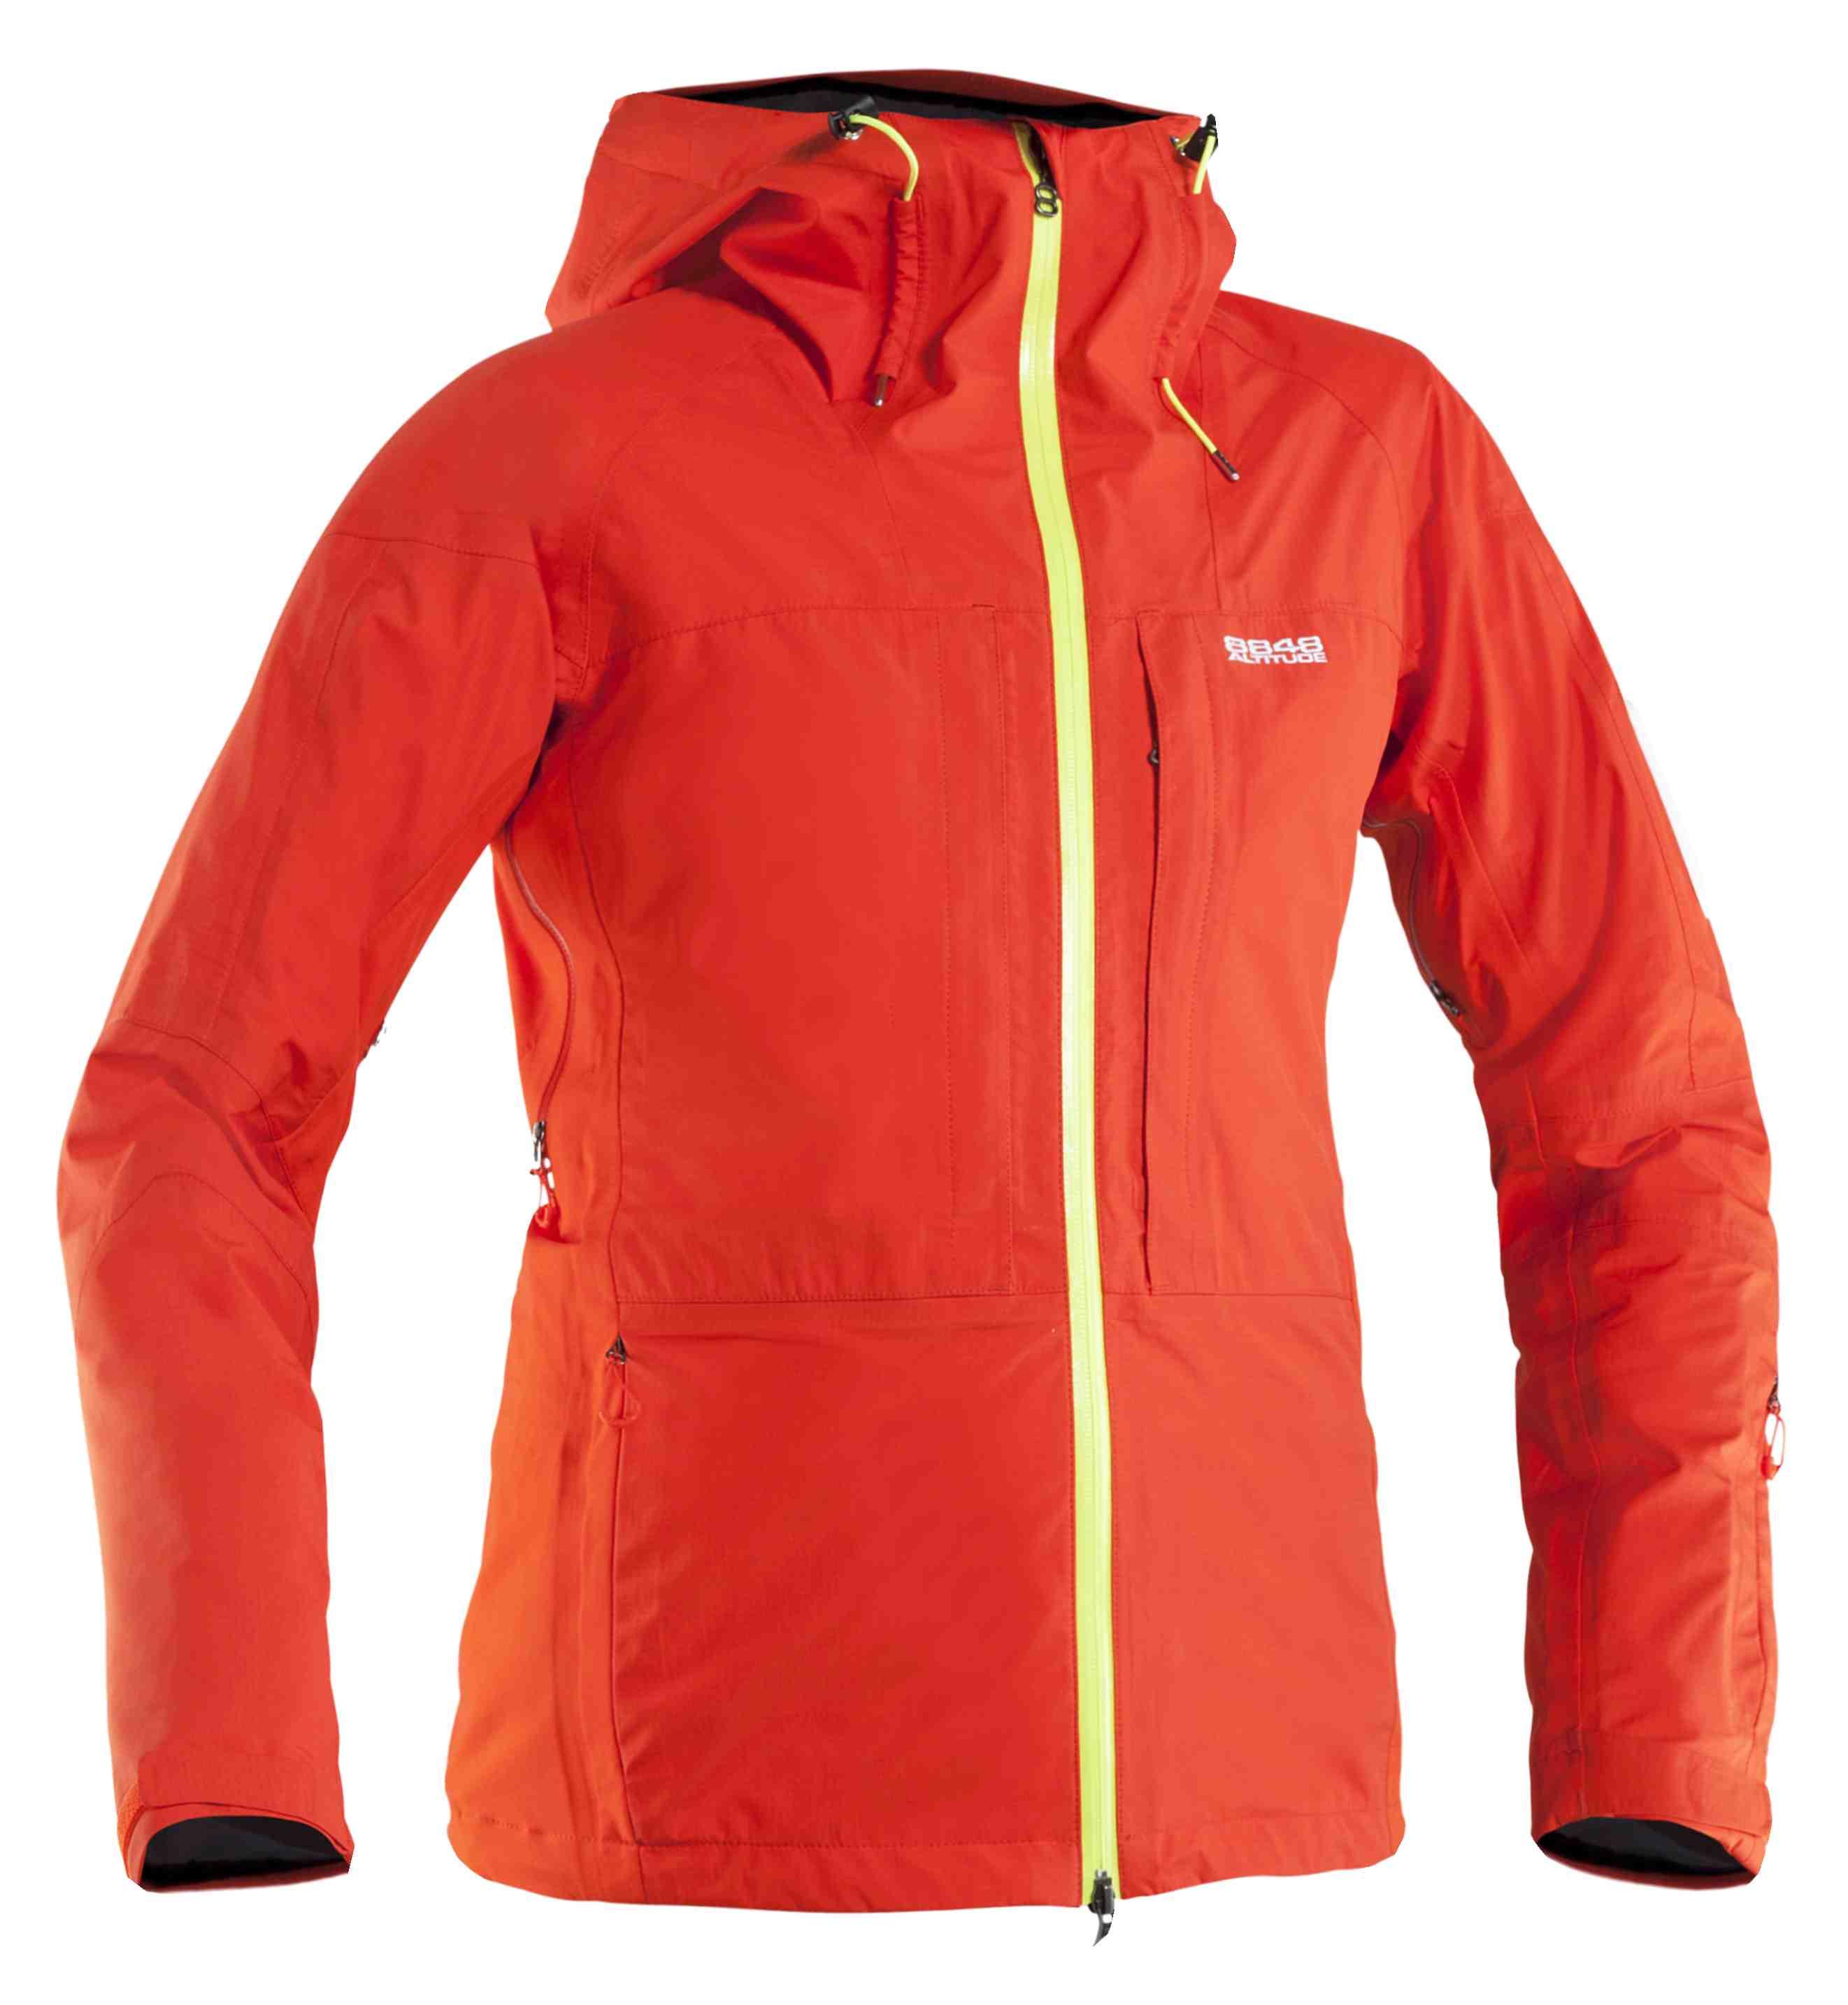 8848 Altitude women's Kenza Jacket with Polartecr NeoShellr